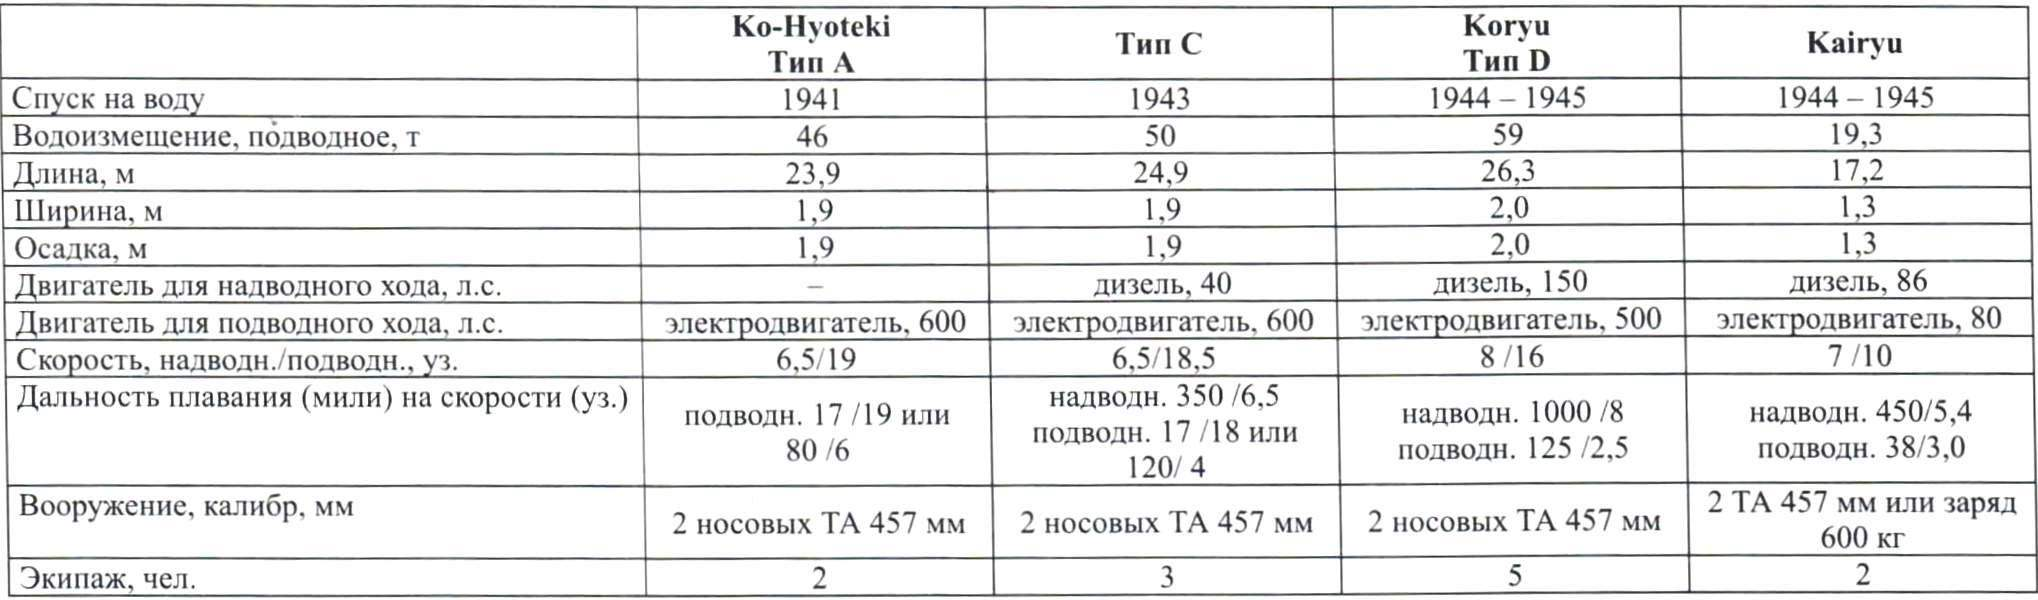 Тактико-технические характеристики японских сверхмалых подлодок